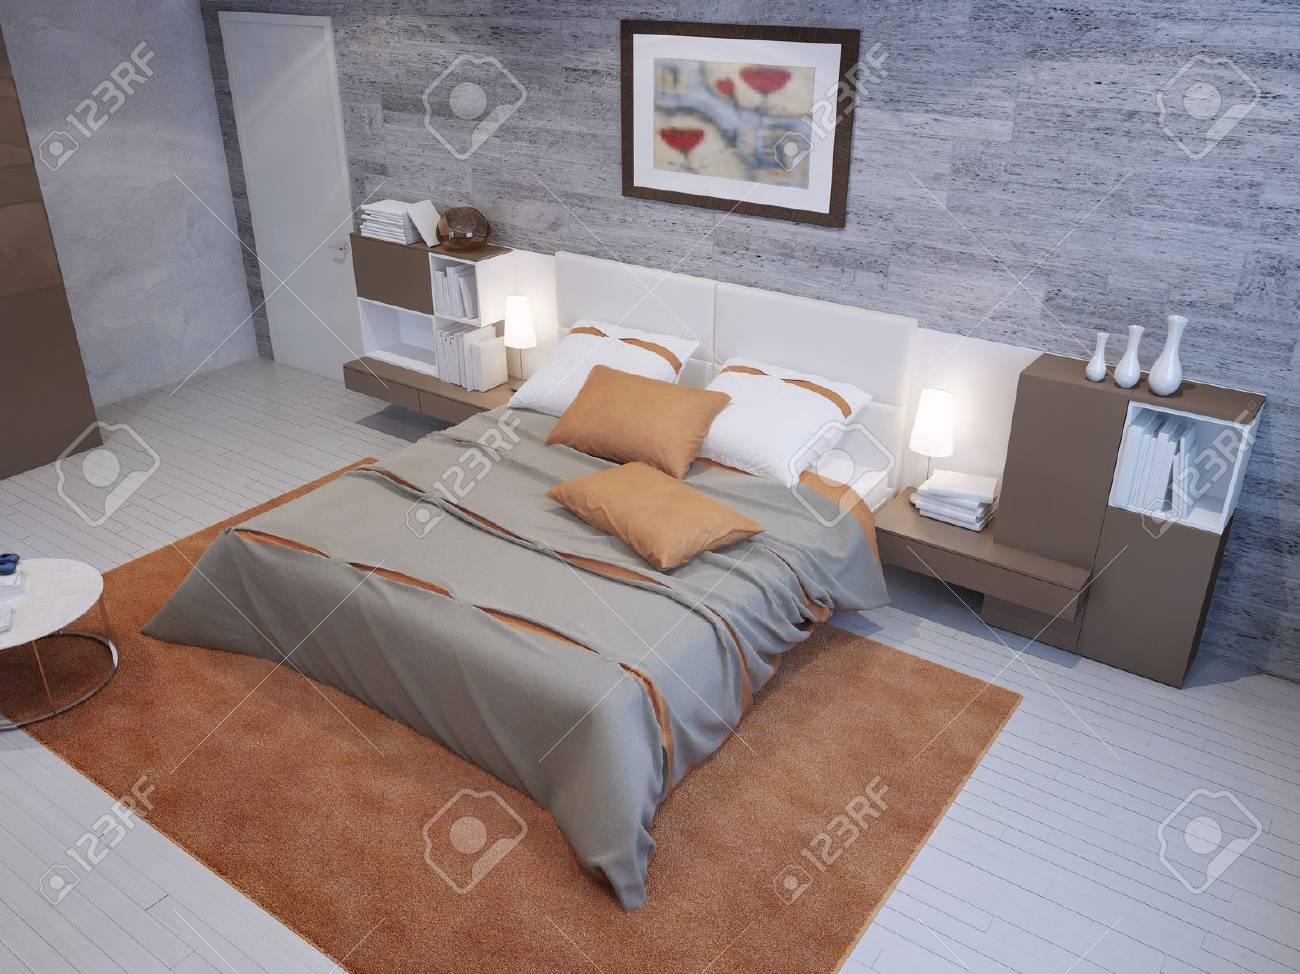 Geraumiges Schlafzimmer In Grau Und Orange Farben Mit Mauerwerk